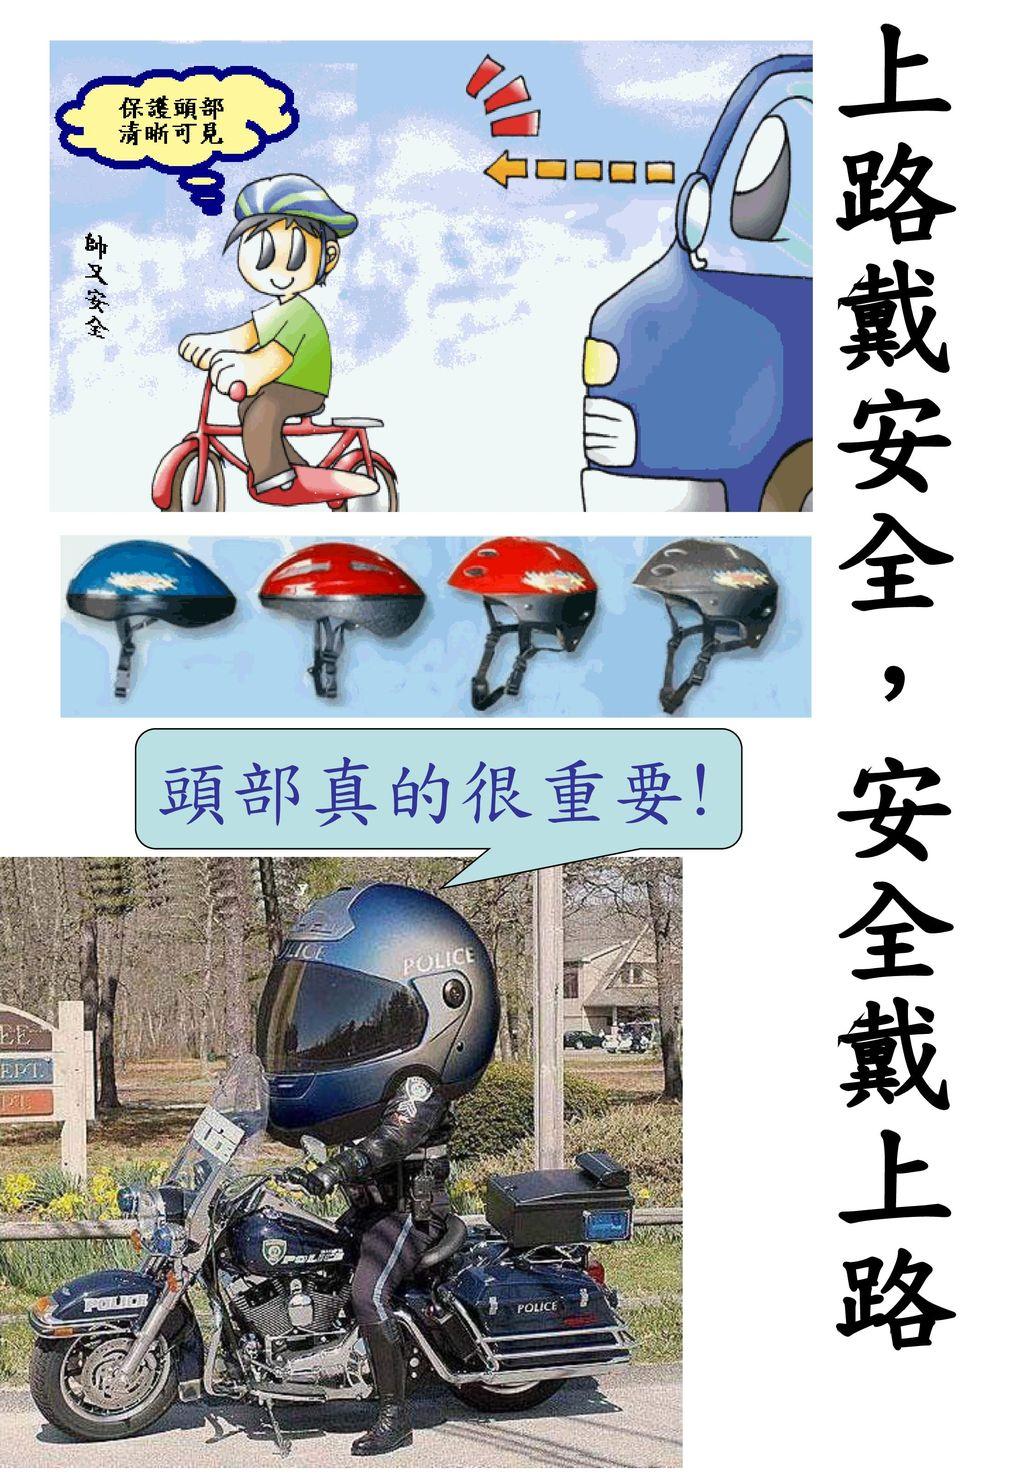 上路戴安全,安全戴上路 頭部真的很重要!